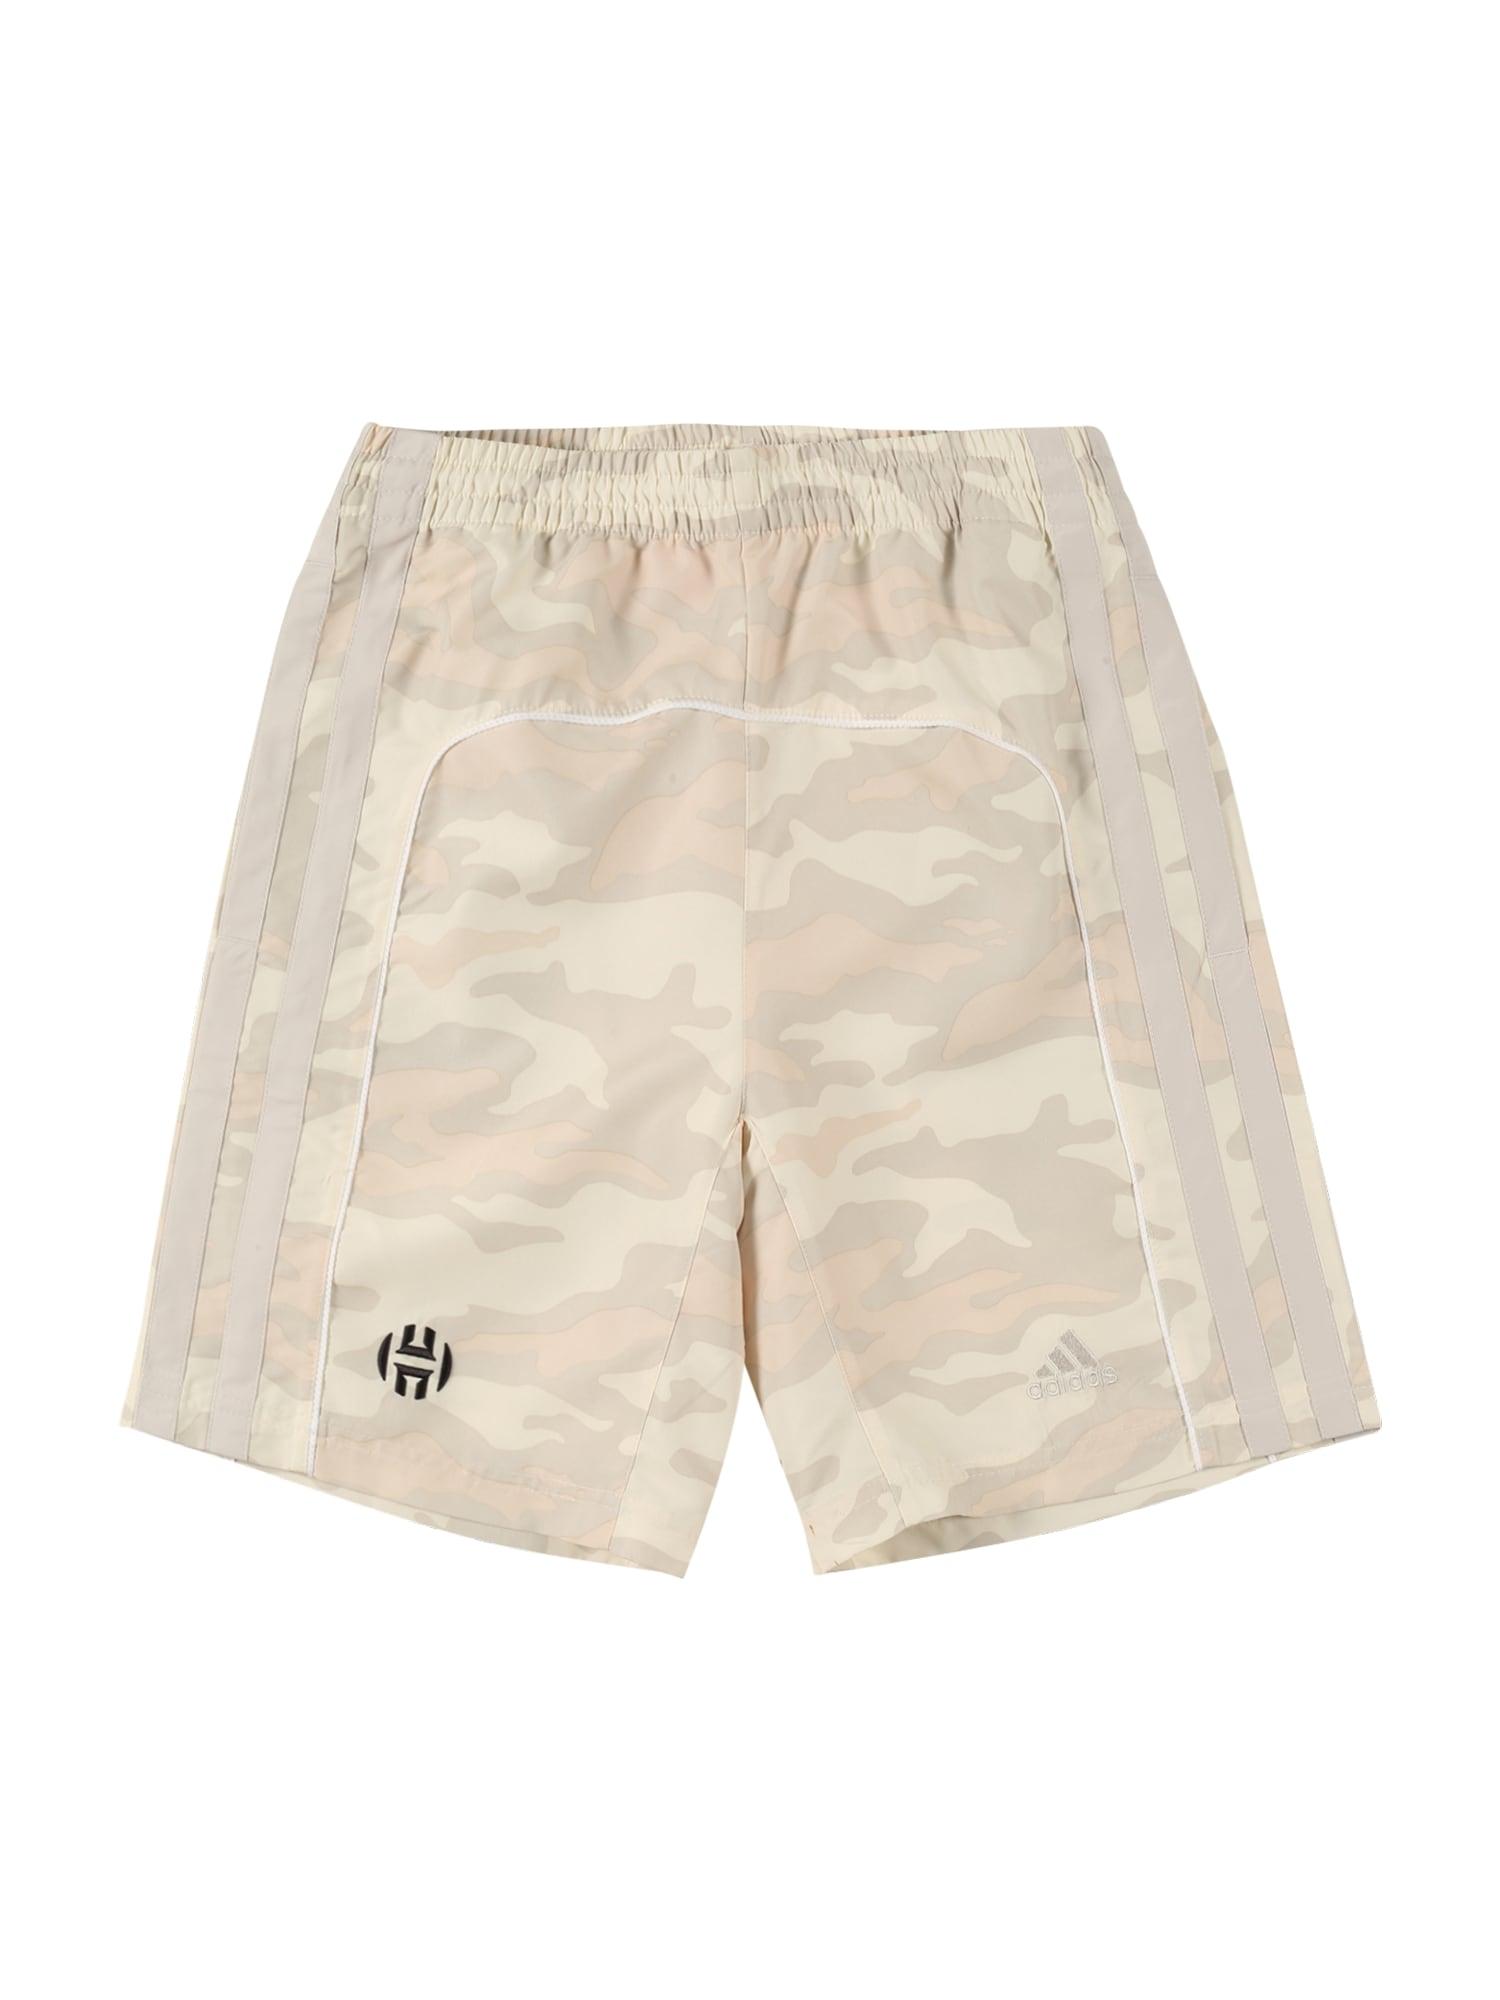 ADIDAS PERFORMANCE Sportinės kelnės balta / smėlio spalva / gelsvai pilka spalva